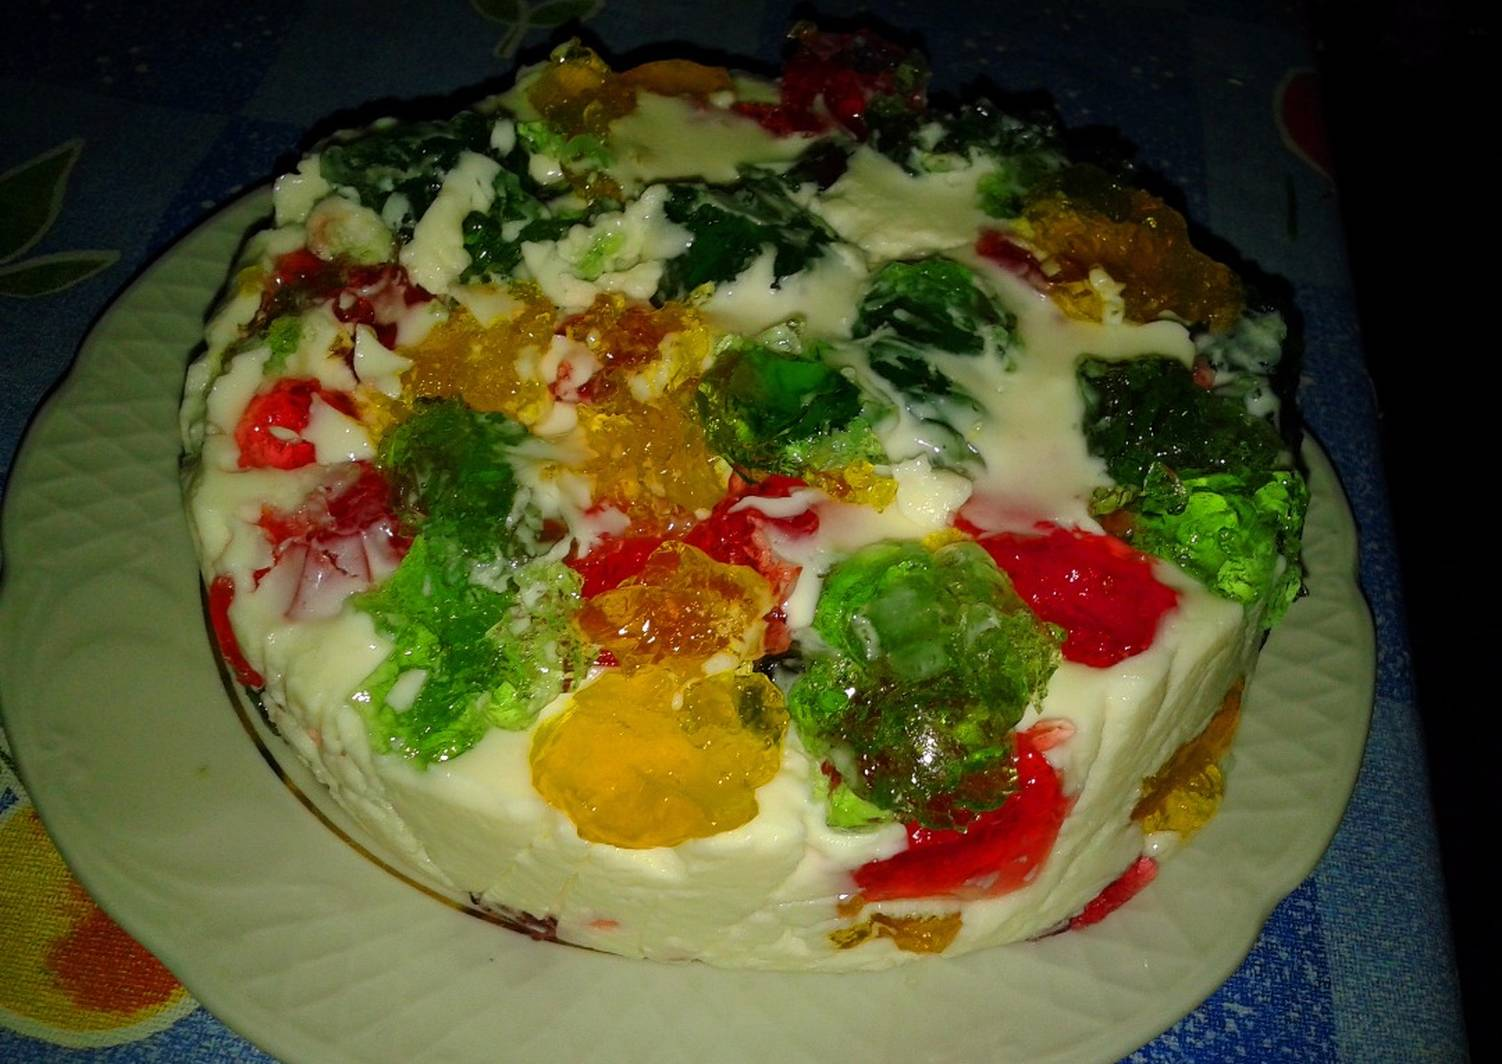 """Радужный торт """"битое стекло"""" - сладкий и веселый десерт!"""